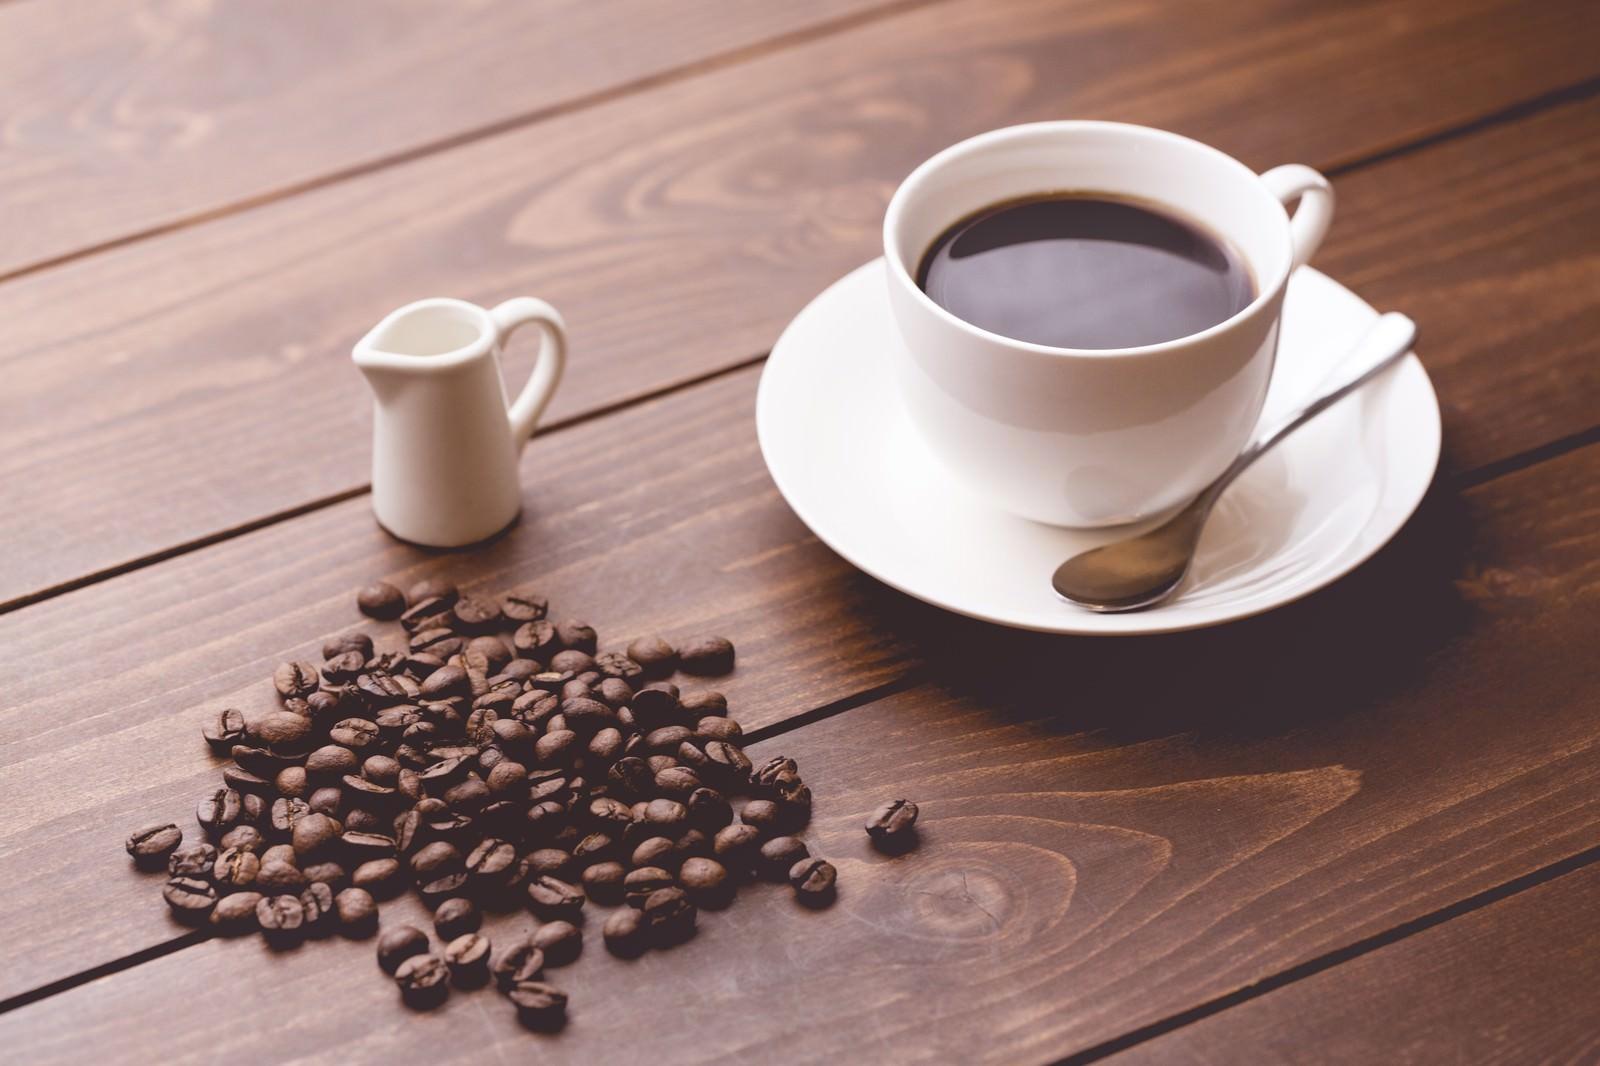 「コーヒー フリー素材」の画像検索結果